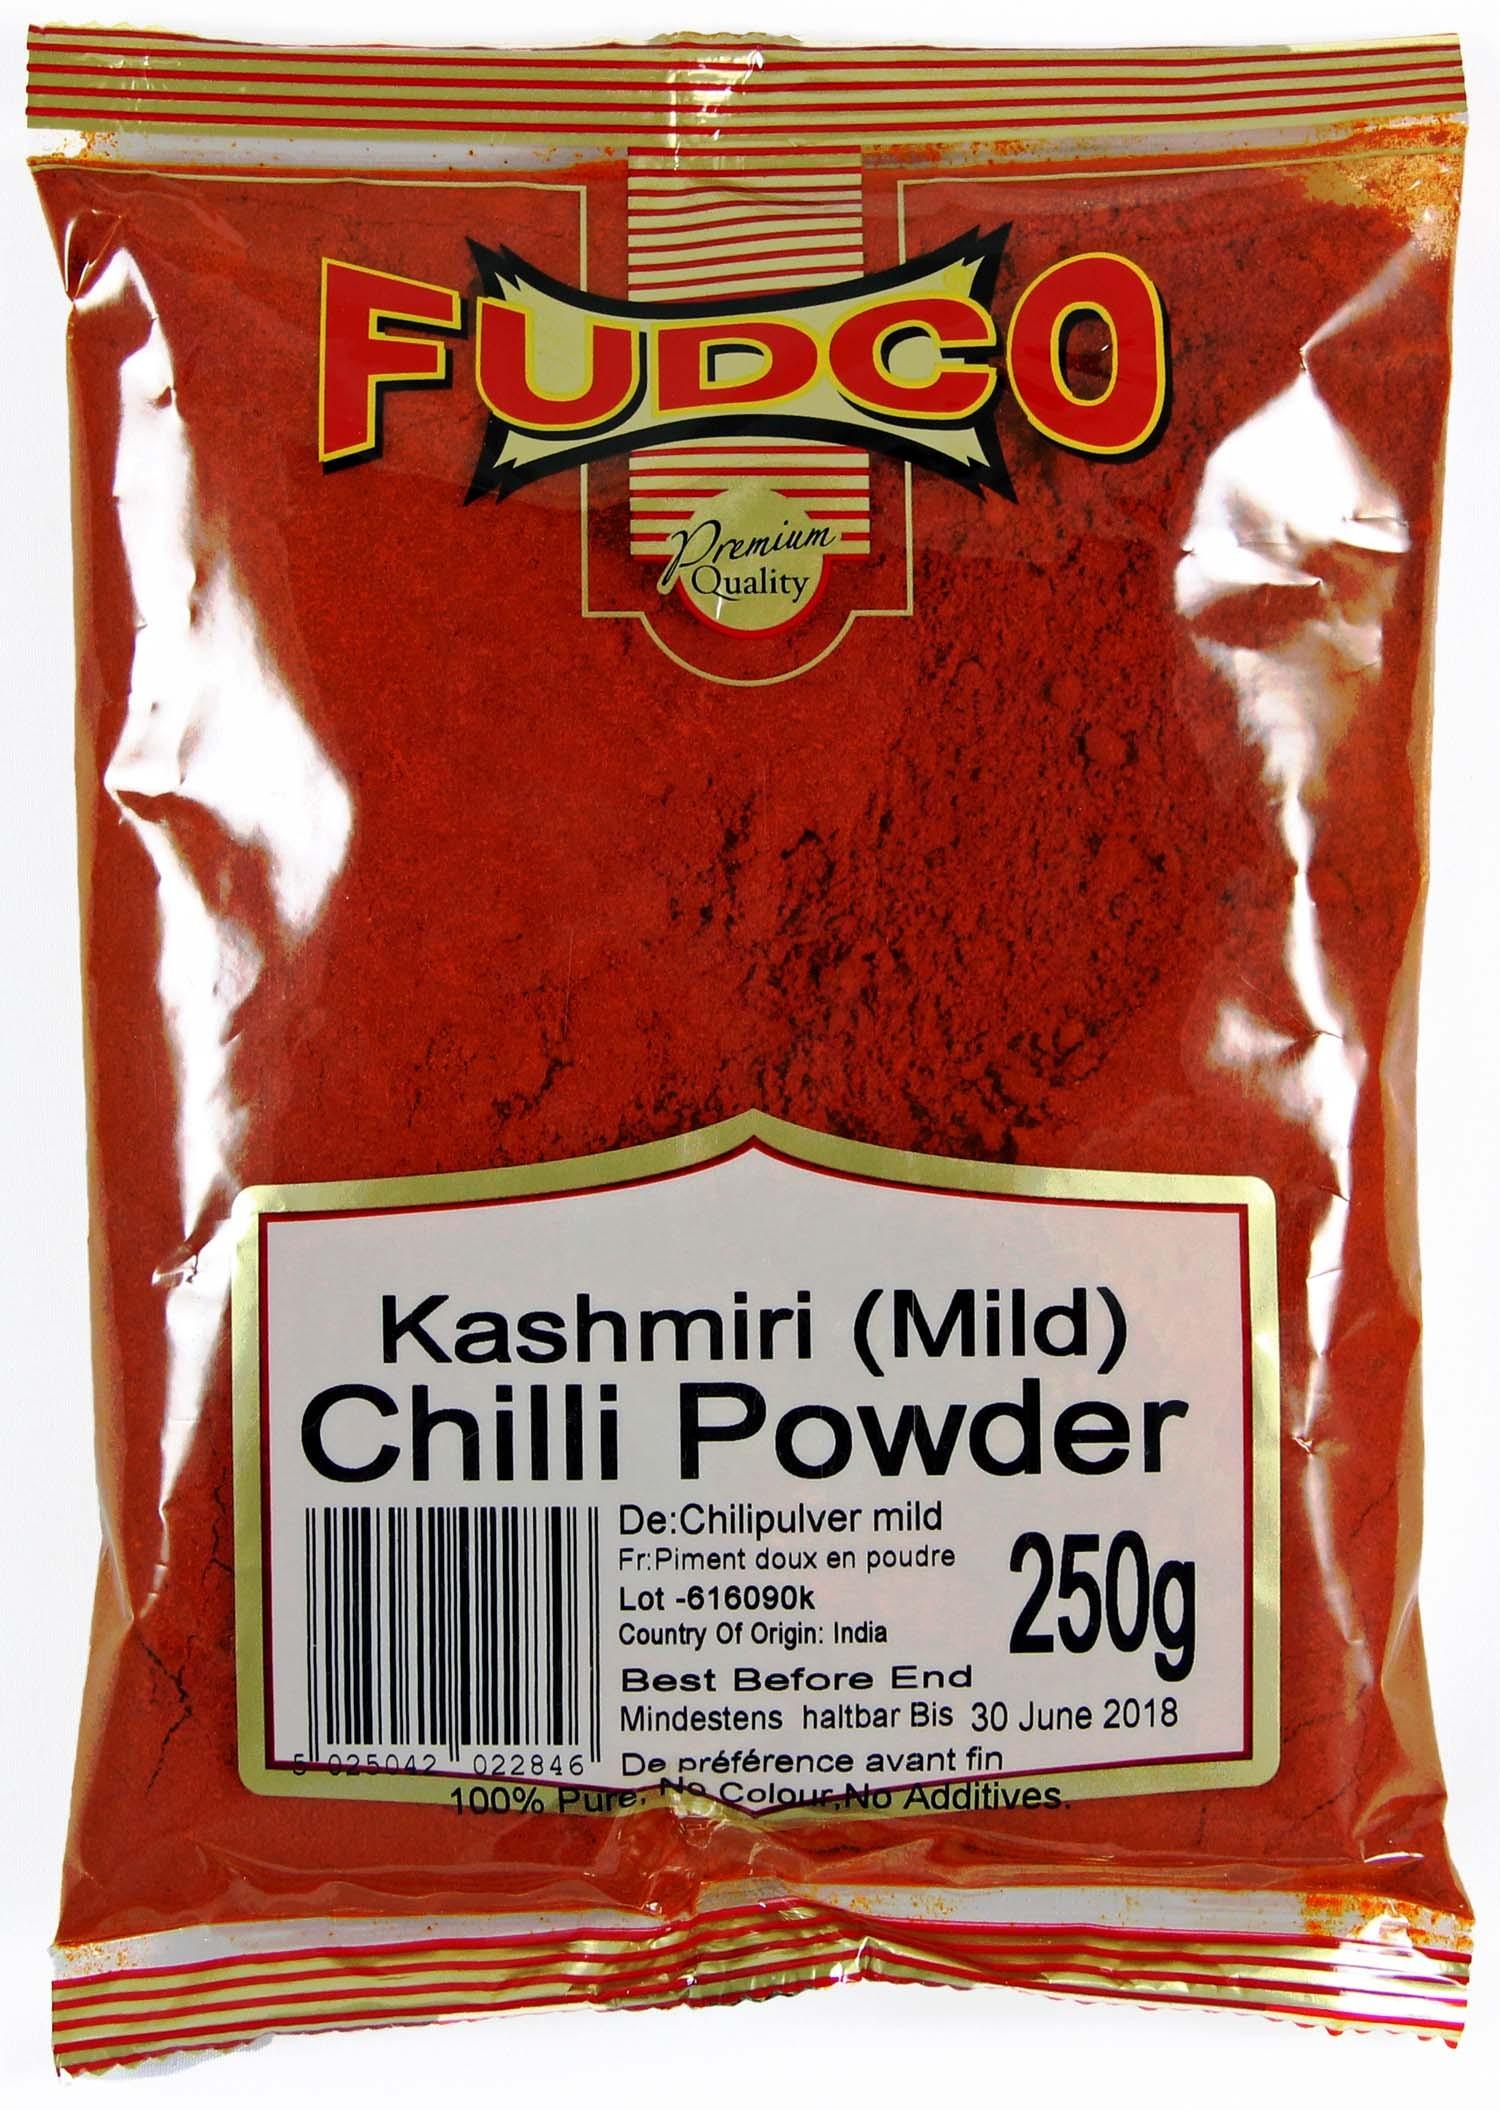 Fudco Chilli Powder (Kashmiri Mild) 250g